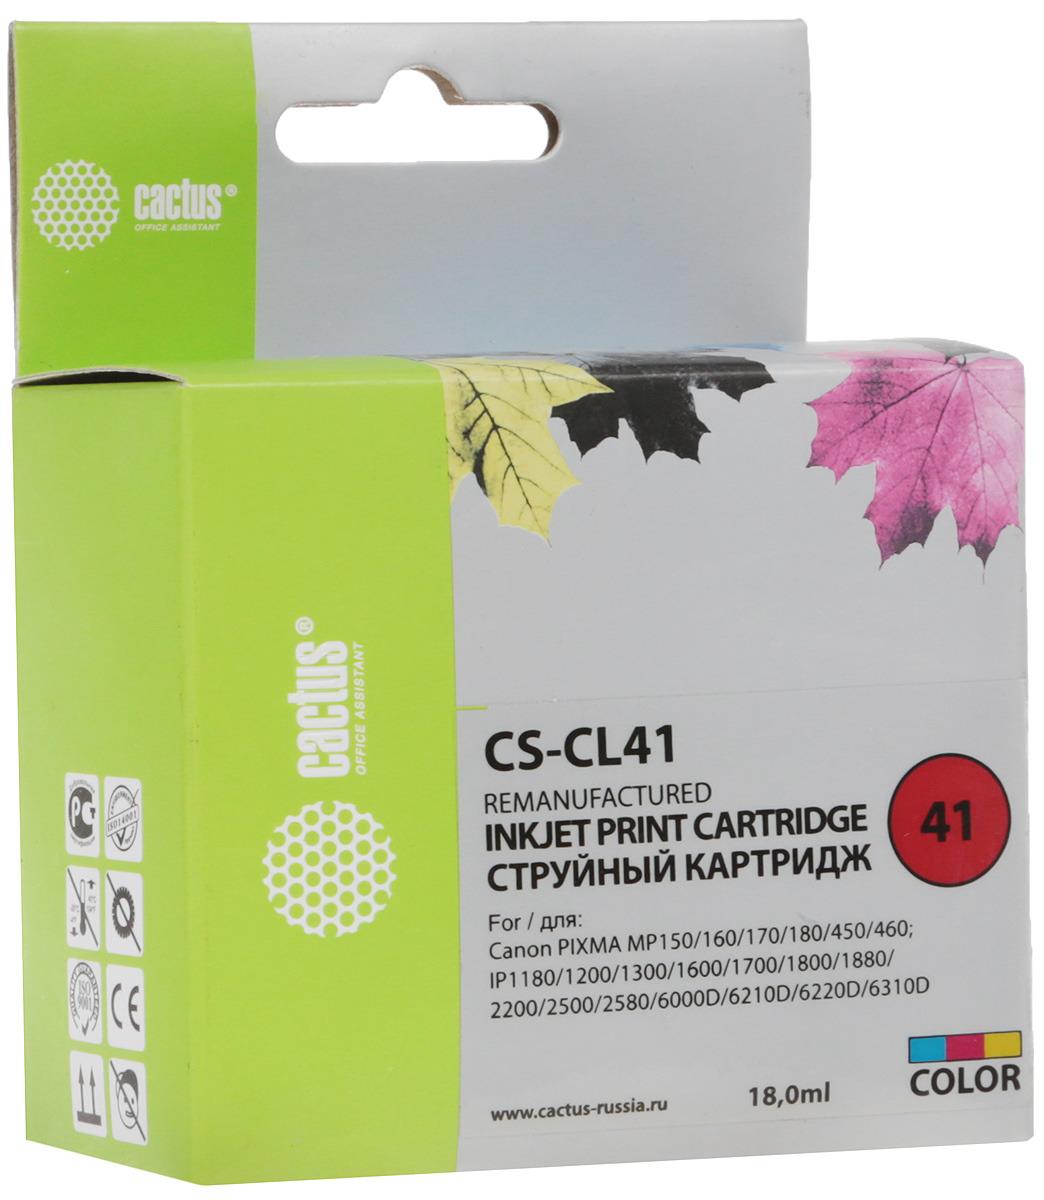 Картридж Cactus CS-CL41, голубой, пурпурный, желтый, для струйного принтера картридж cactus cs cl41 для canon pixma mp150 mp160 mp170 mp180 mp450 mp460 mp470 ip1200 ip1300 ip1600 ip1700 ip1800 ip190